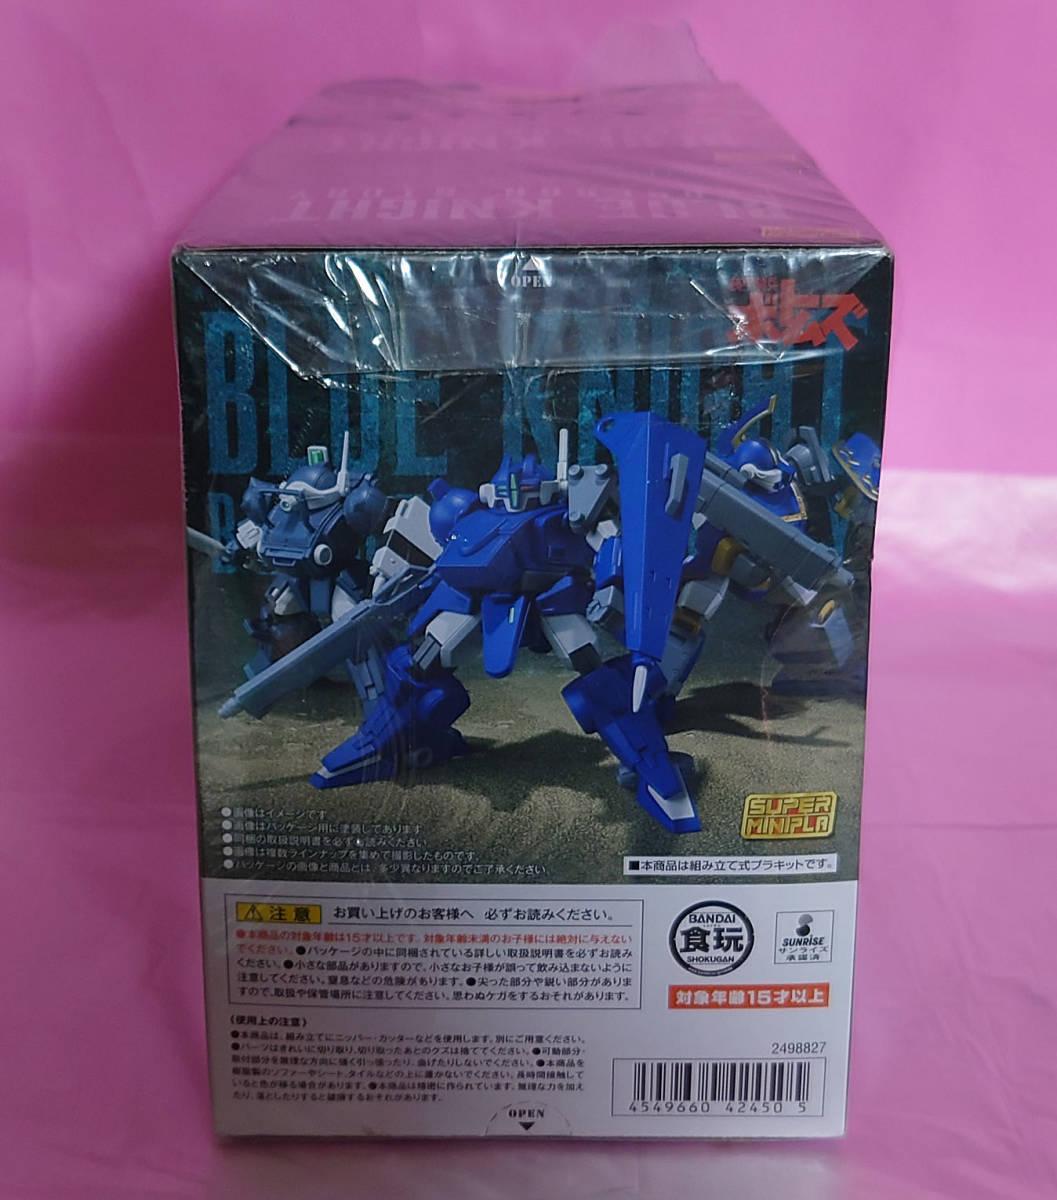 new goods super Mini pra blue. knight bell zeruga monogatari Vol.2 3 piece insertion Shokugan Armored Trooper Votoms blue. knight bell zeruga monogatari V-VK2